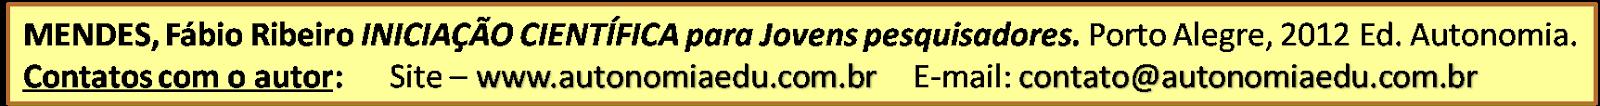 http://www.autonomiaedu.com.br